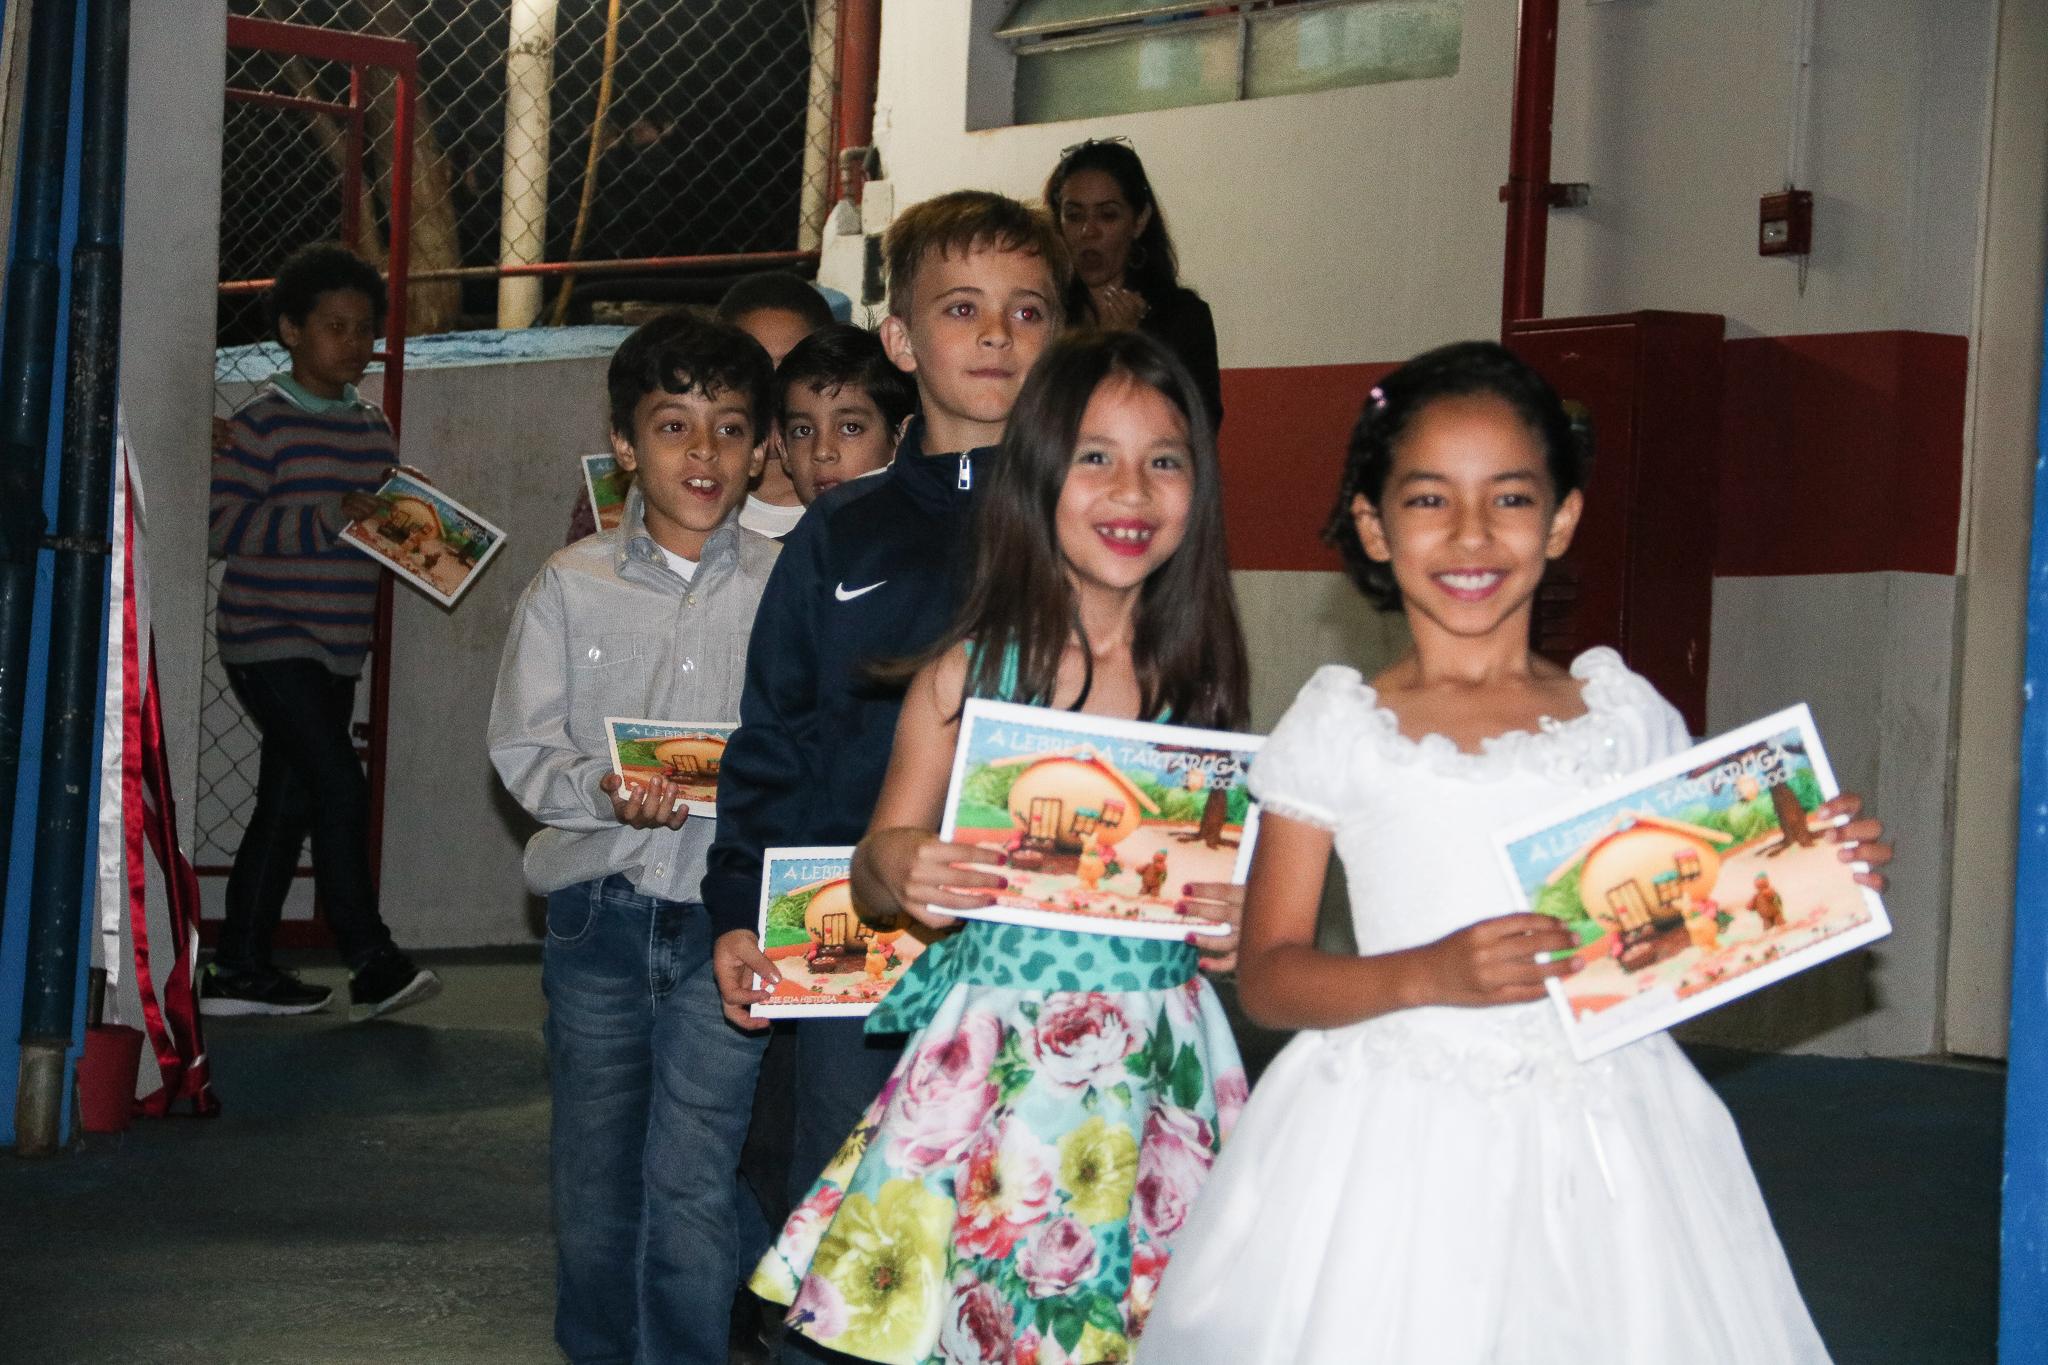 Projeto Doces Leituras desenvolvido com os 2ºs anos do Fundamental do Certus, alunos escrevem o próprio livro com o lançamento na 3ª Noite de Autógrafos do, co-ação do Balaio de Leitura.